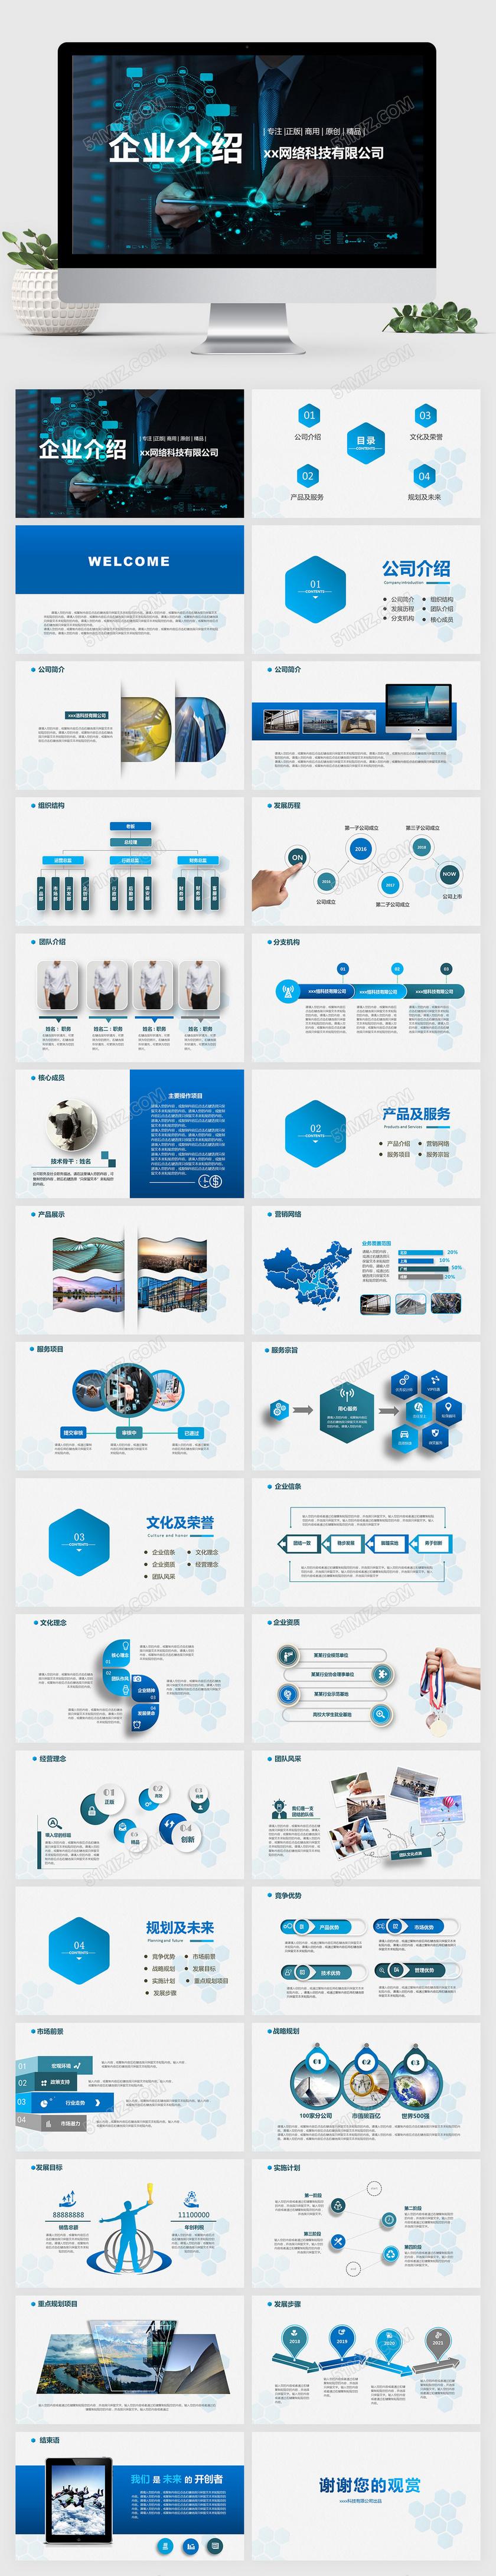 蓝色科技感企业宣传公司介绍简介动态ppt模板